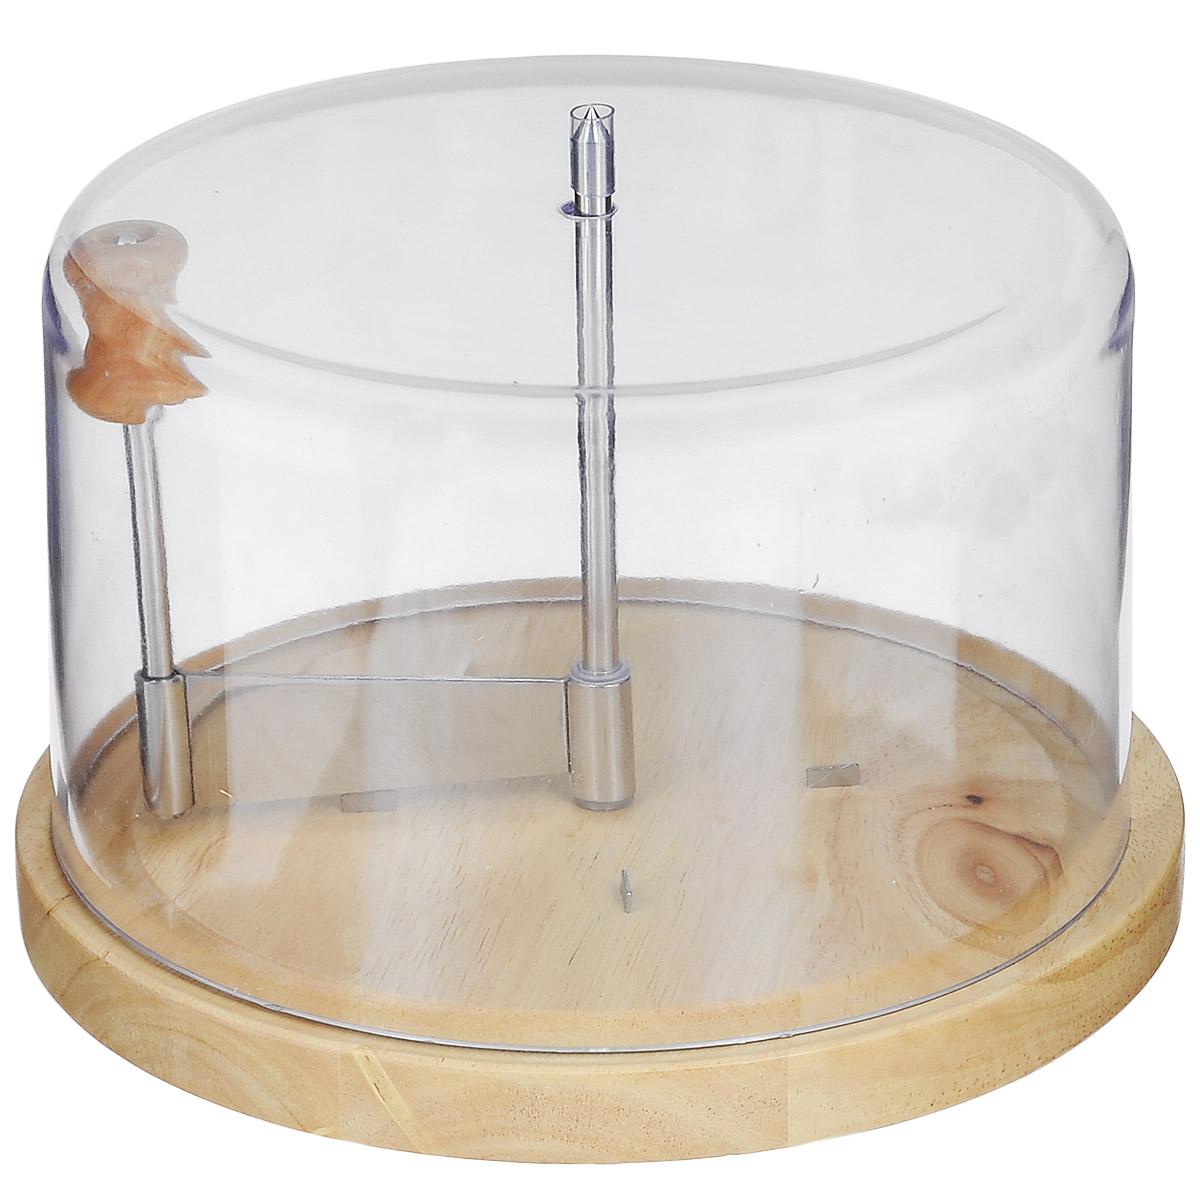 Набор для резки сыра Iris Barcelona, 3 предметаK0800314Набор для резки сыра Iris Barcelona состоит из круглой деревянной доски, прозрачной пластиковой крышки и ножа. Специально предназначен для нарезки круглых головок сыра. Поможет создать великолепную закуску или десерты с профессионально нарезанными сырными или шоколадными ломтиками. Идеально подходит для резки ломтиков из швейцарского сыра Tete de Moine. Такой набор станет изысканным подарком для всех любителей сыра. Диаметр доски: 22 см. Высота крышки: 12 см. Длина лезвия ножа: 7 см.